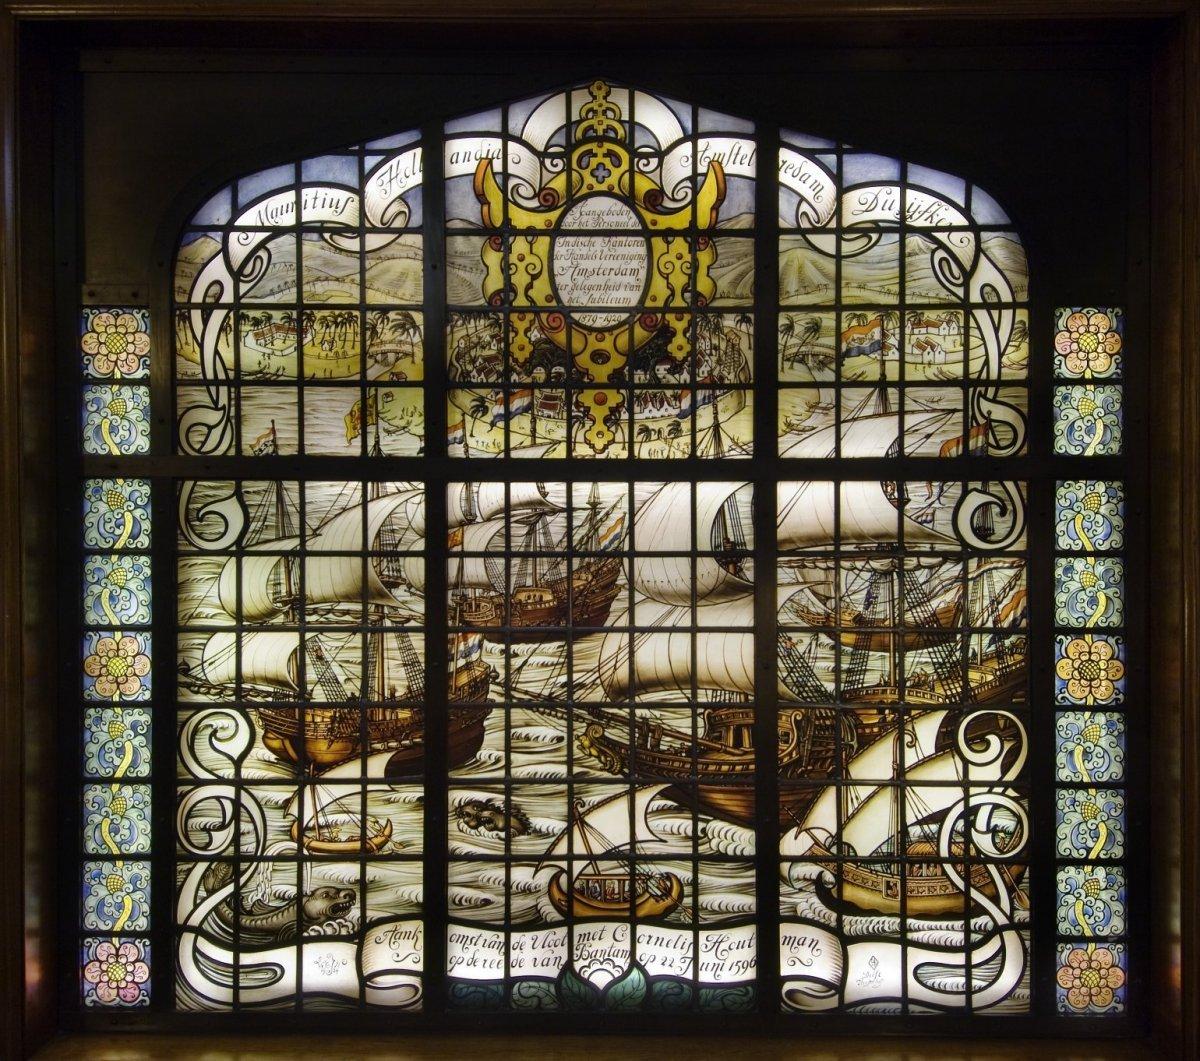 Interieur Gebrandschilderd Glas In Het Trappenhuis C Voorstellende De Aankomst Van De Vloot Van Cornelis De Houtman Op De Rede Van Bantam Amsterdam Rce